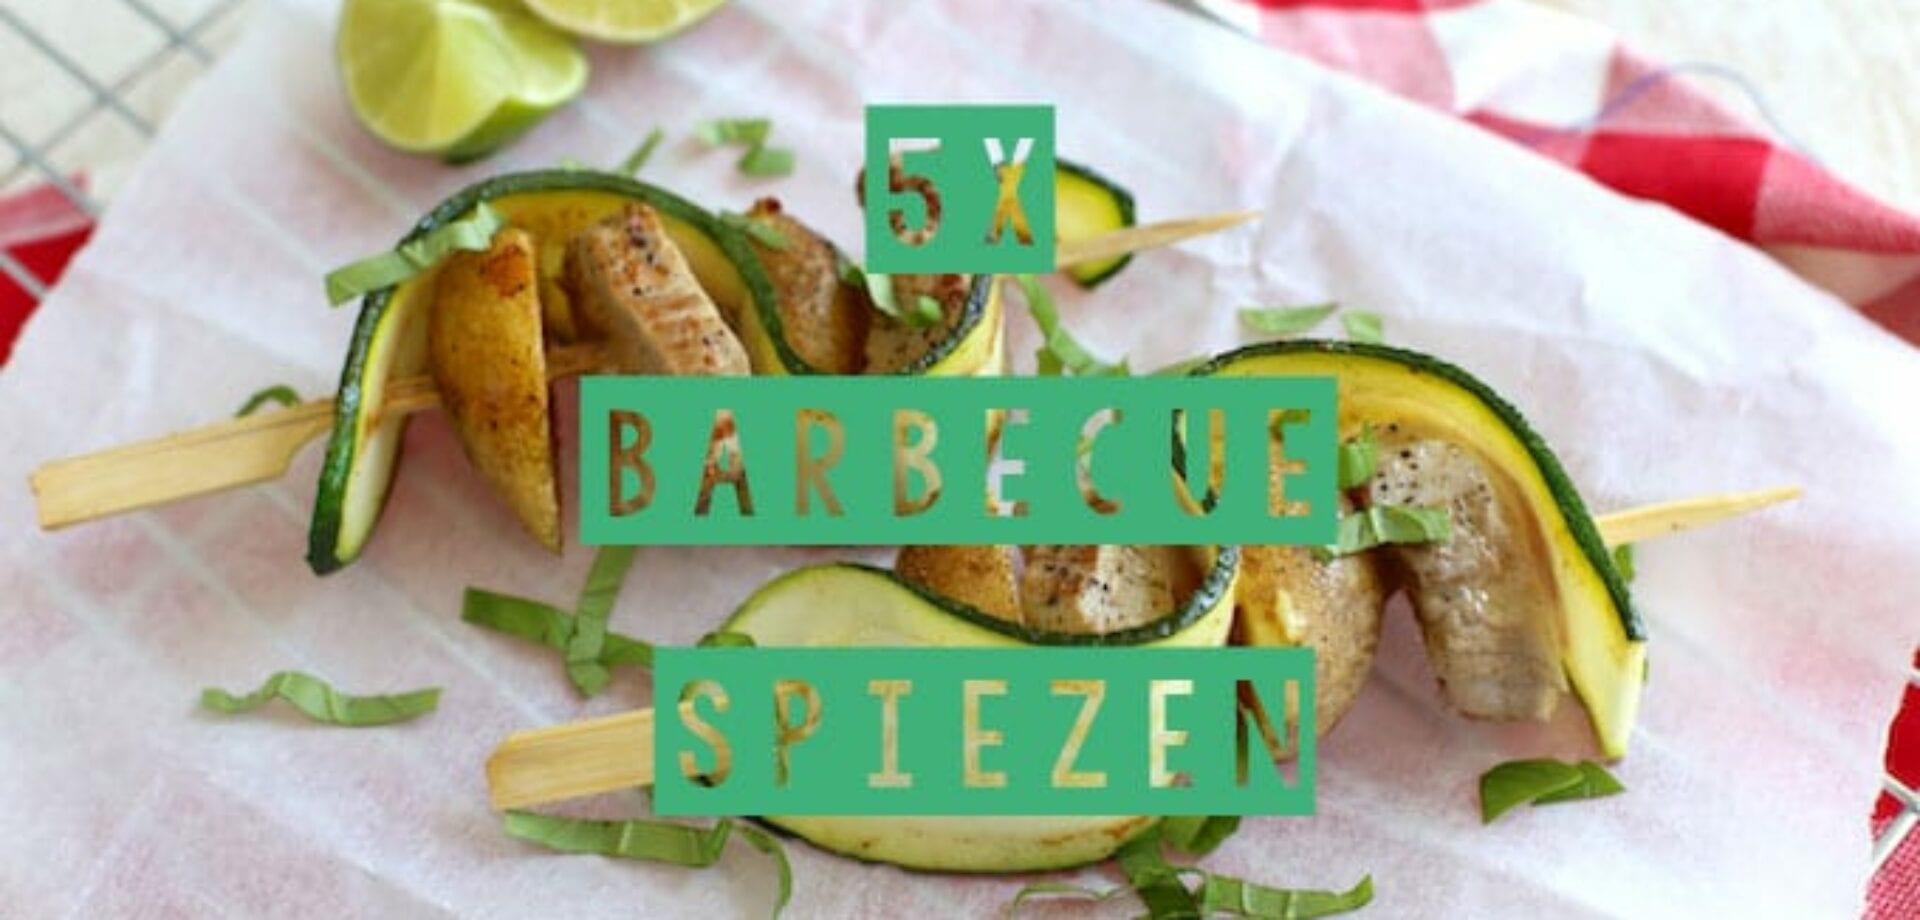 barbecue spiezen